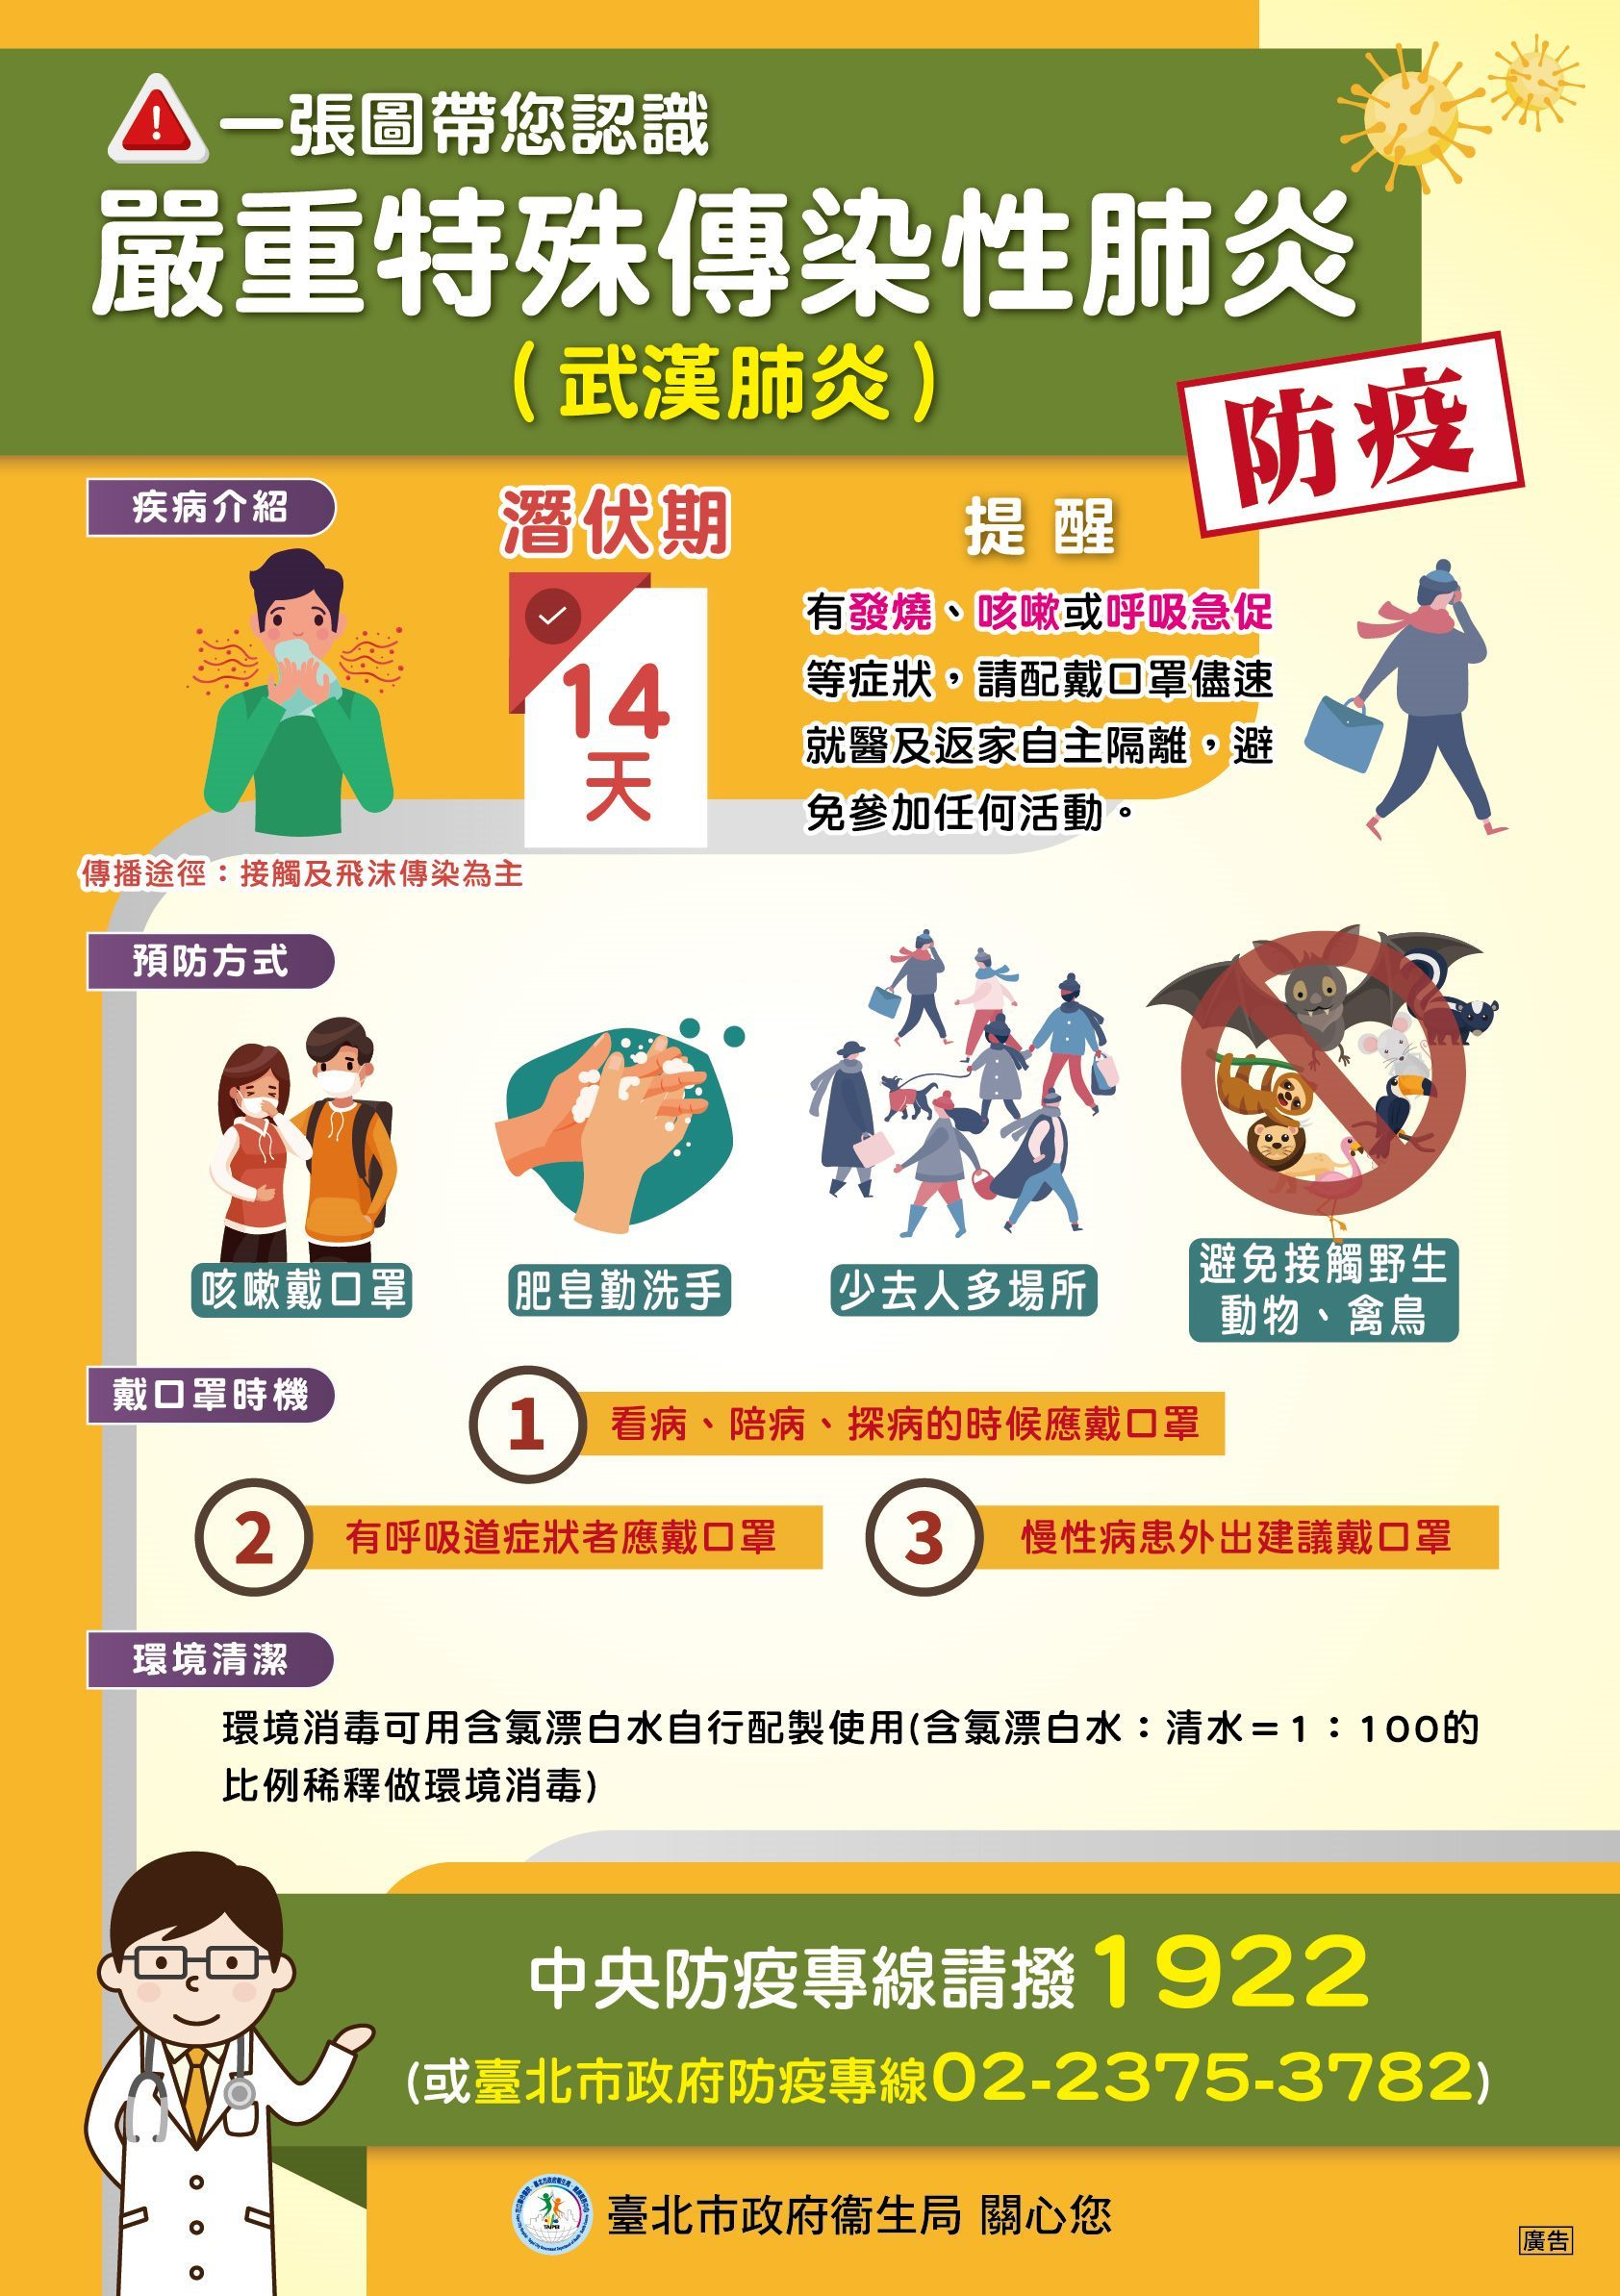 一張圖帶您認識嚴重特殊傳染性肺炎-多國語言版